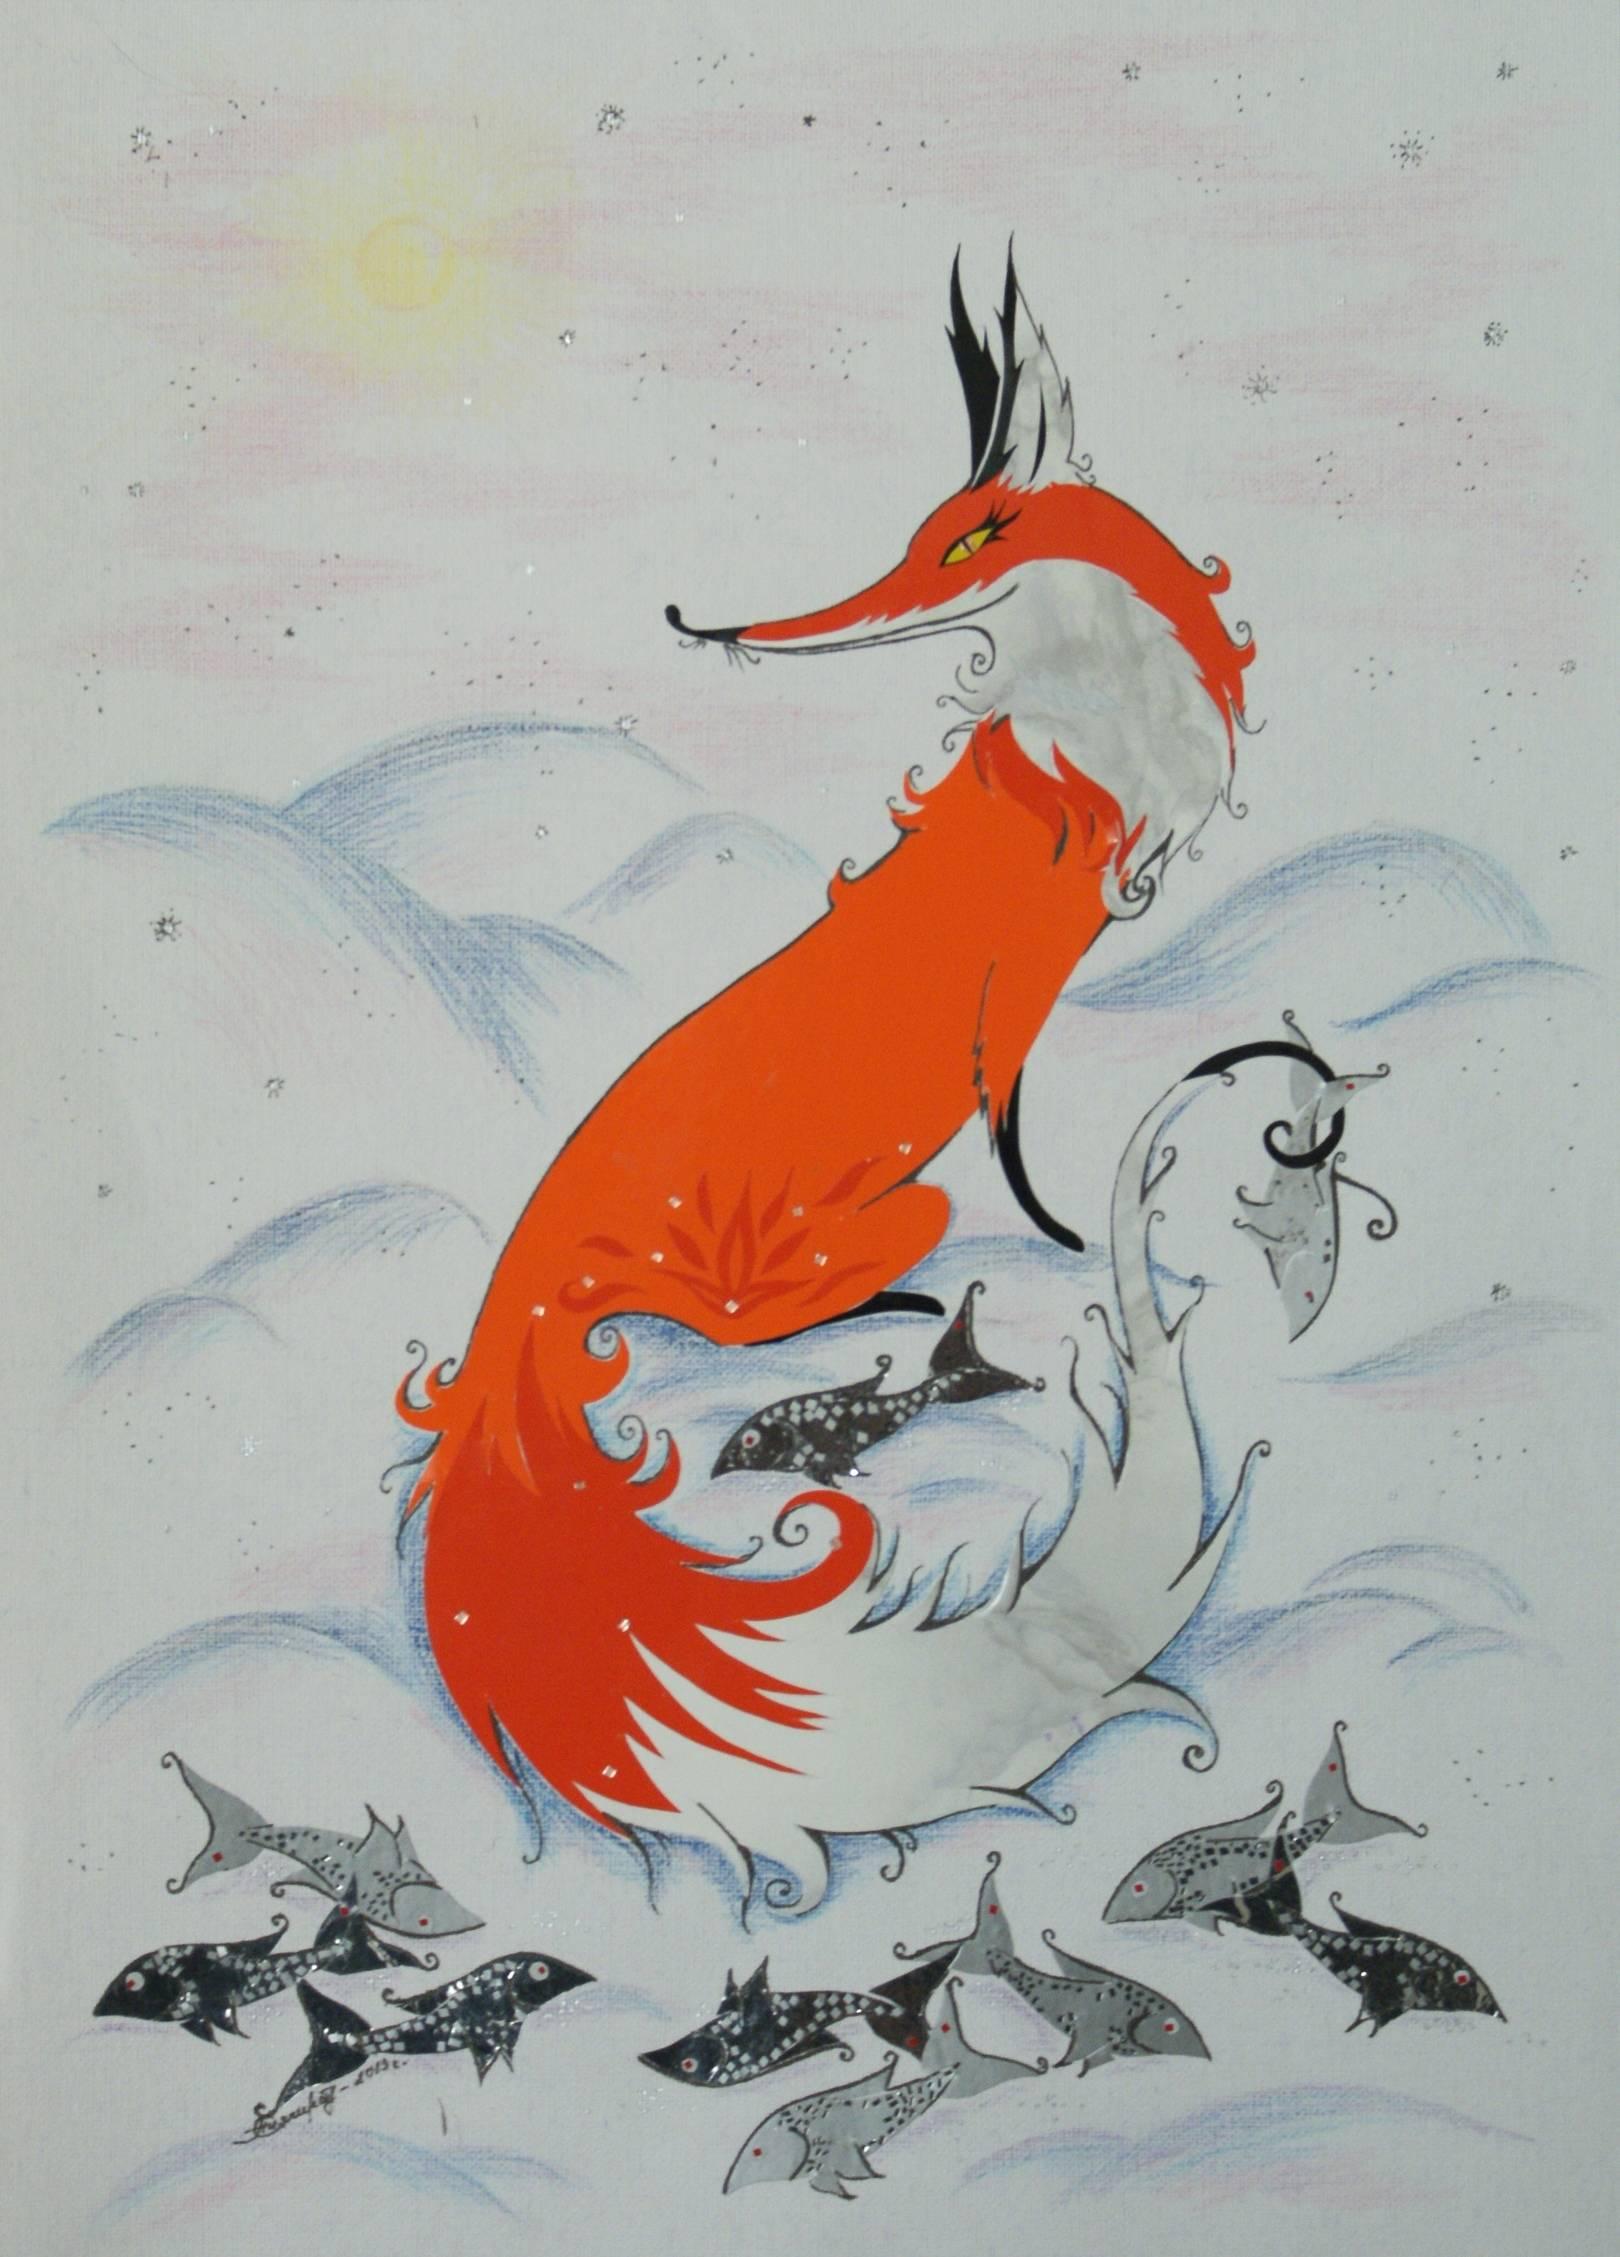 """Applique """"Russian folk tales and myths"""" (Аппликация """"Русские народные сказки и мифы"""")"""